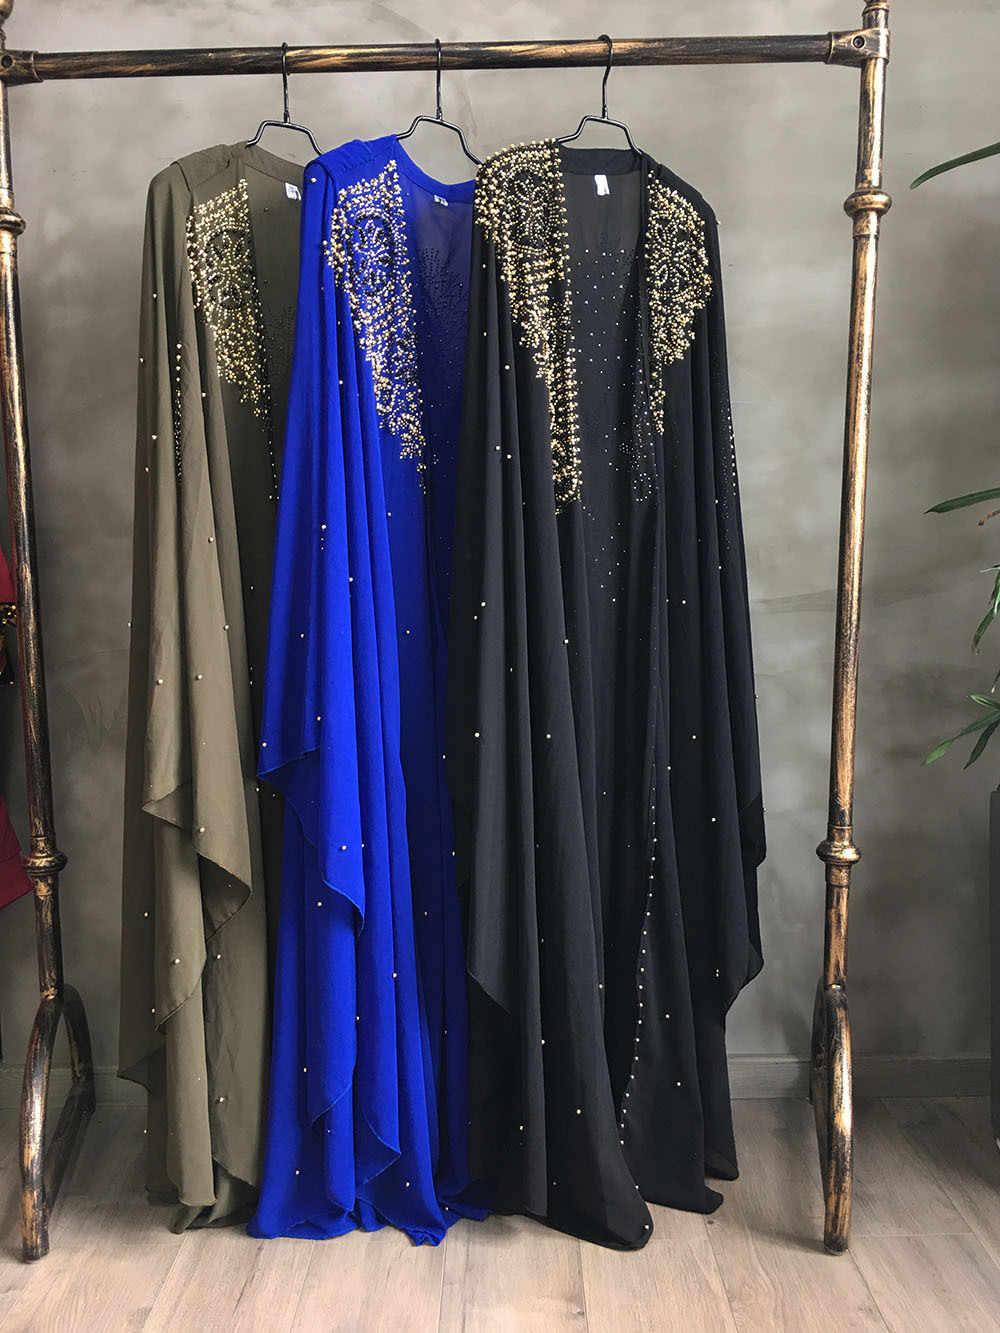 סופר גודל חדש סגנון אפריקאי נשים של דאשיקי אופנה חם תרגיל חרוזים התארך קייפ סלעית קייפ ארוך שמלת 837